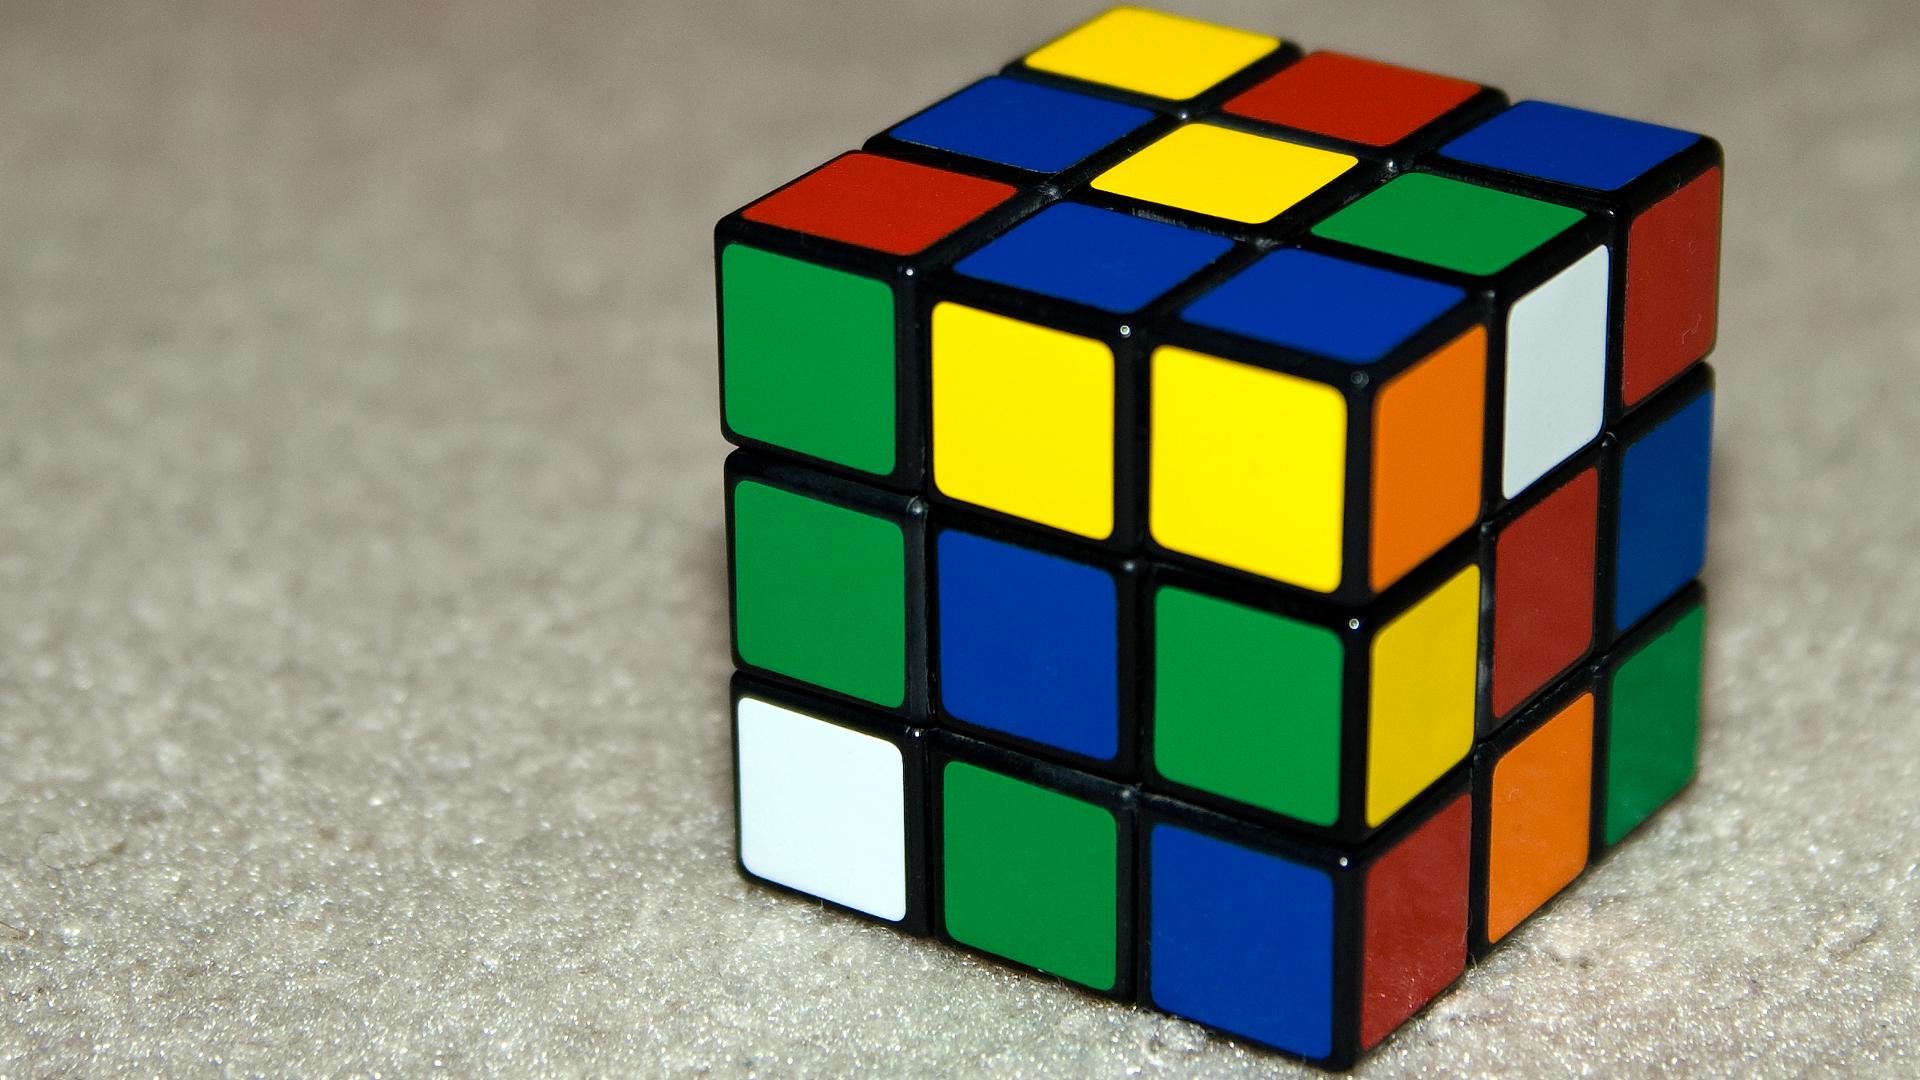 www wallpaperup com cubes rubiks cube wallpaper 1920x1080 191706 1920x1080